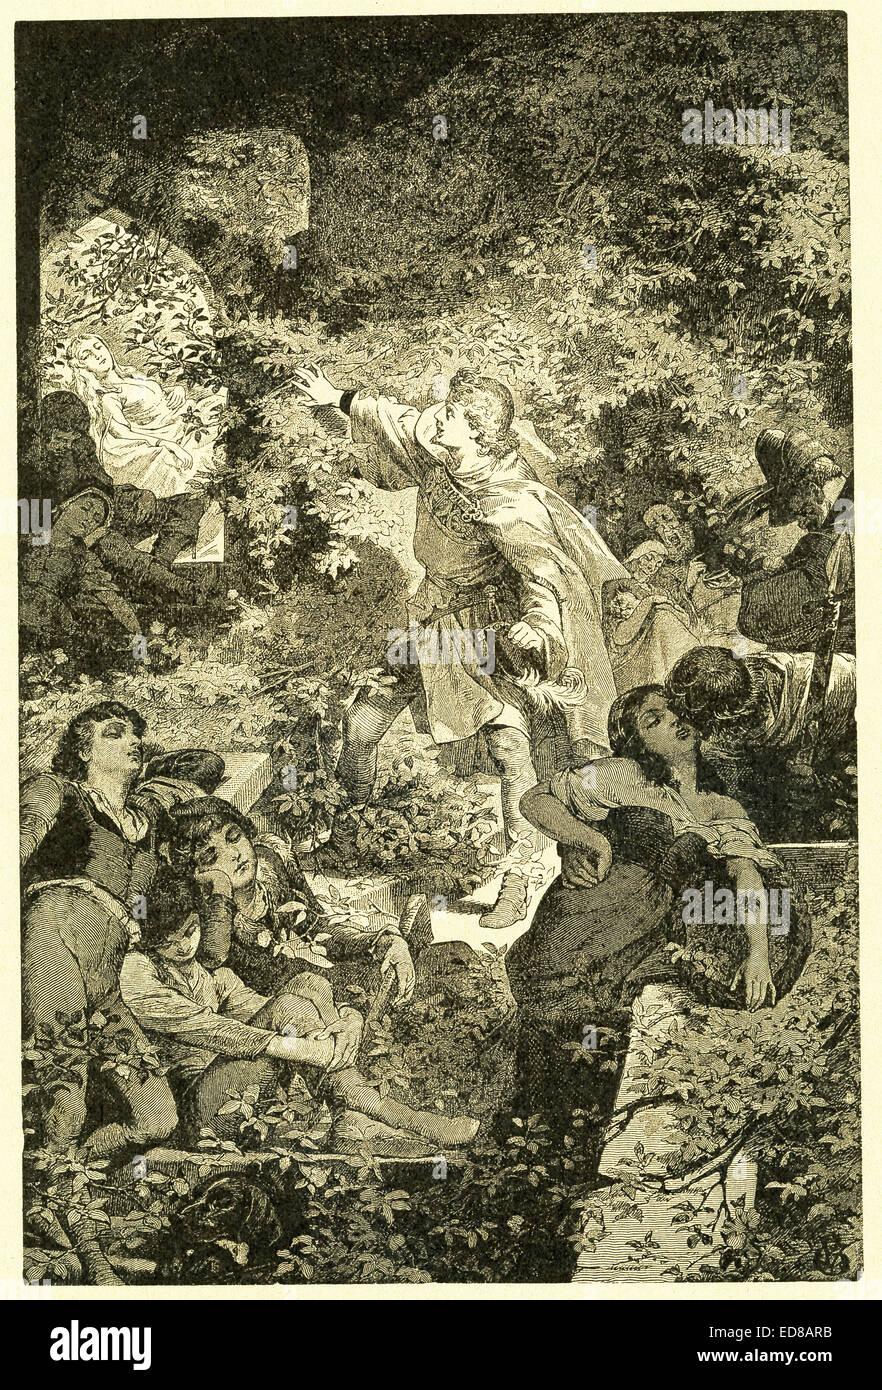 En 1812, les frères Grimm, Jacob et Wilhelm, publié contes pour enfants, une collection contes allemands. Photo Stock